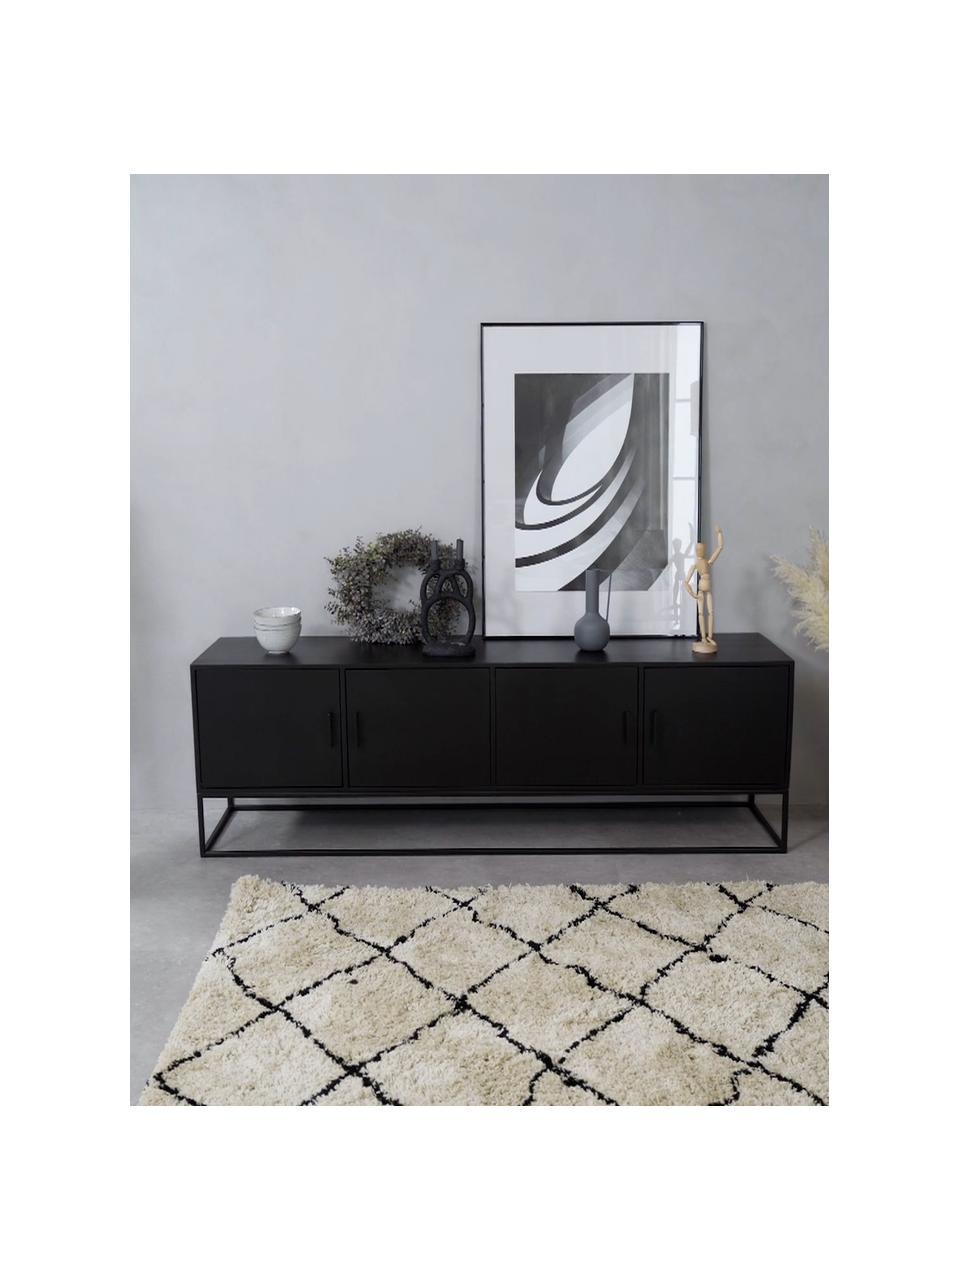 Szafka niska z litego drewna  mangowego z drzwiczkami Lyle, Korpus: lite drewno mangowe, laki, Drewno mangowe, czarny lakierowany, S 180 x D 60 cm